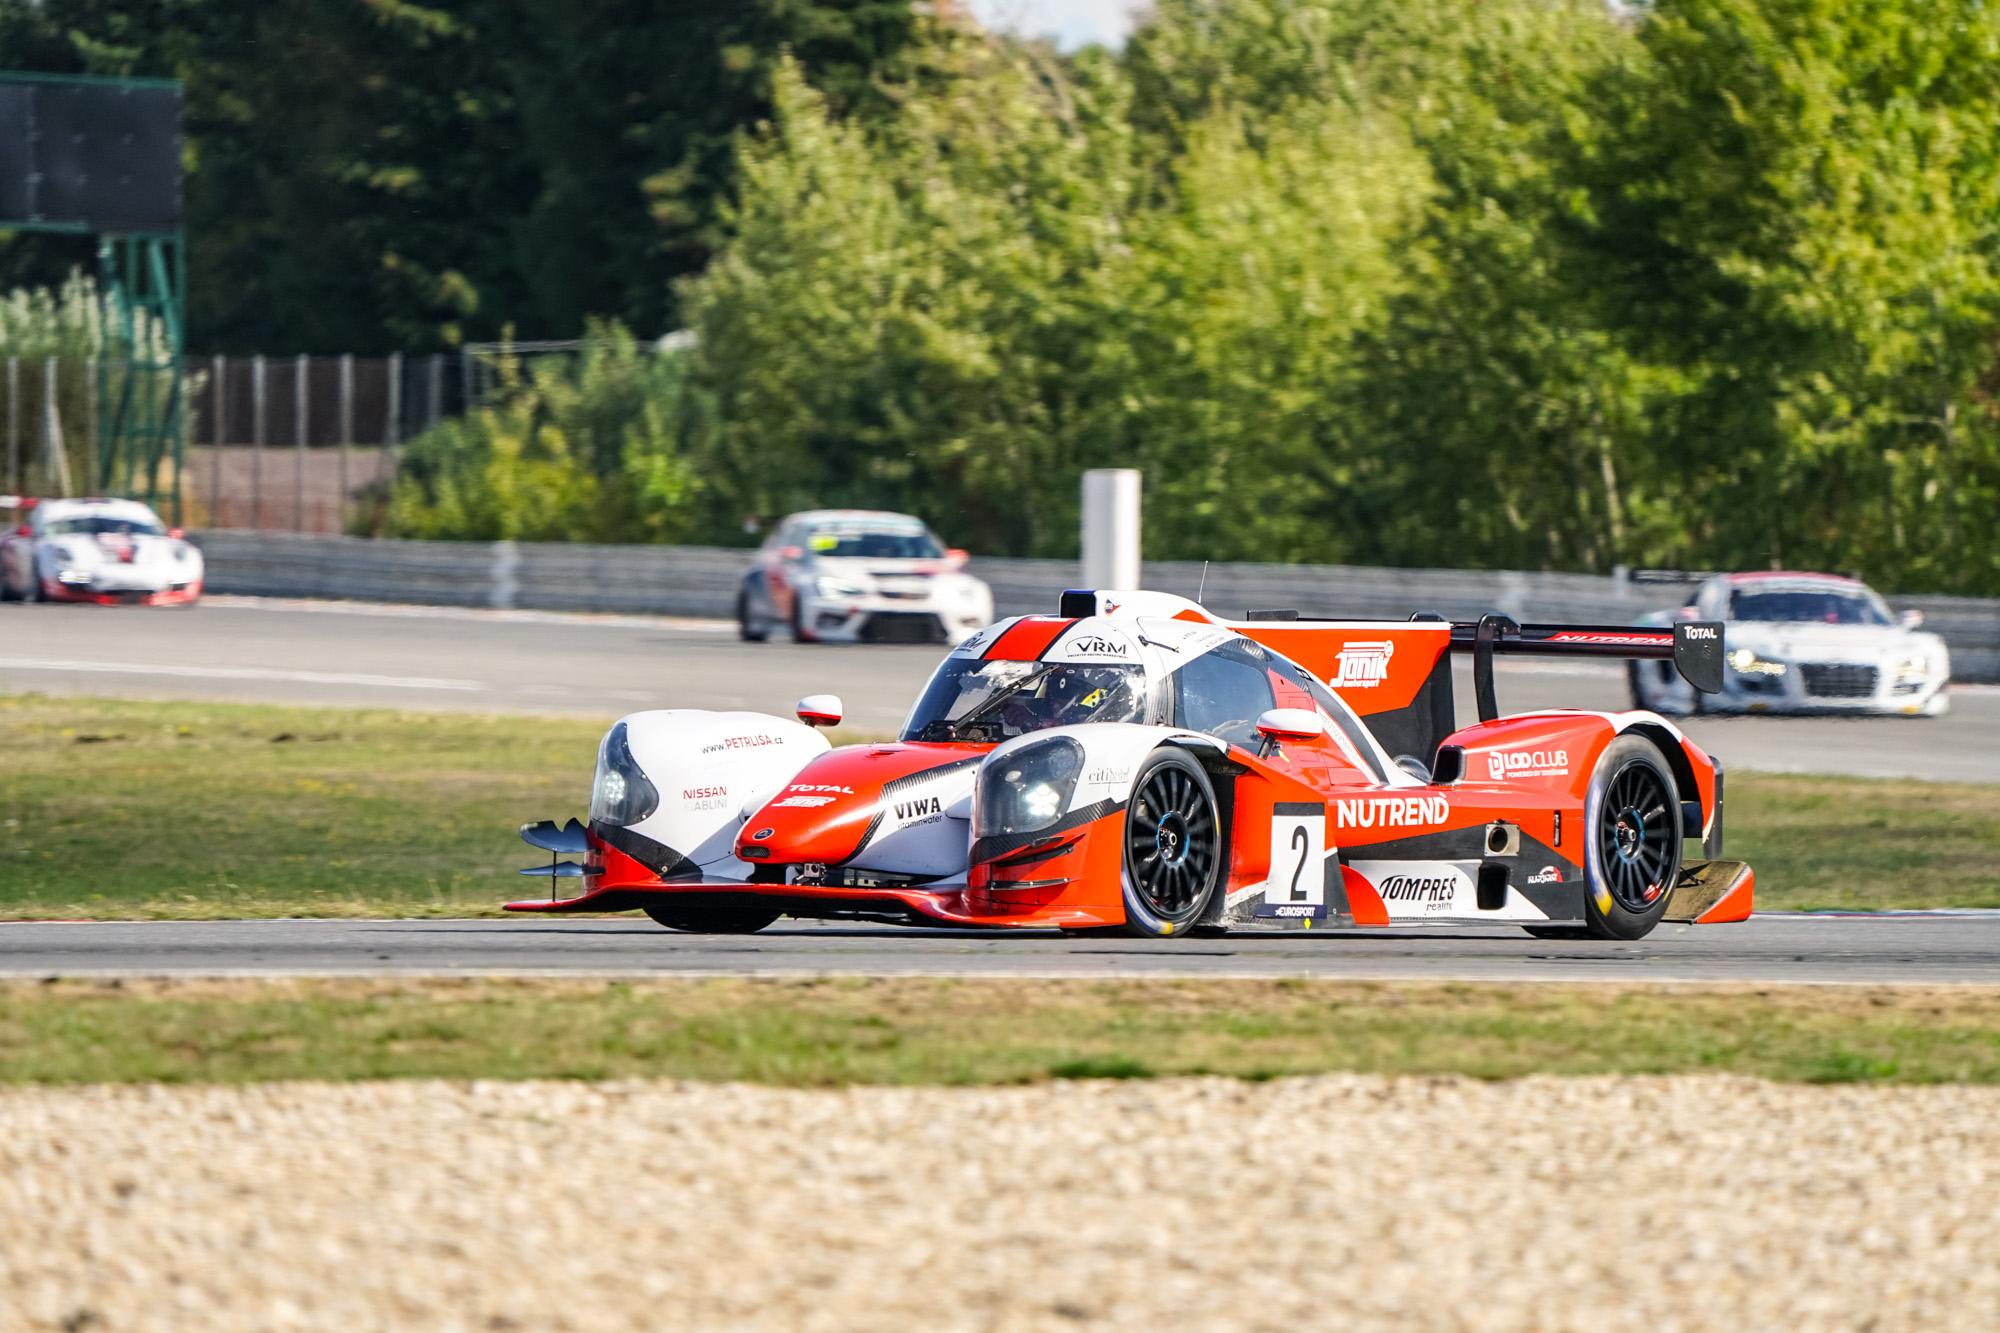 Český tým Janík Motorsport kraloval třídě sportovních prototypů